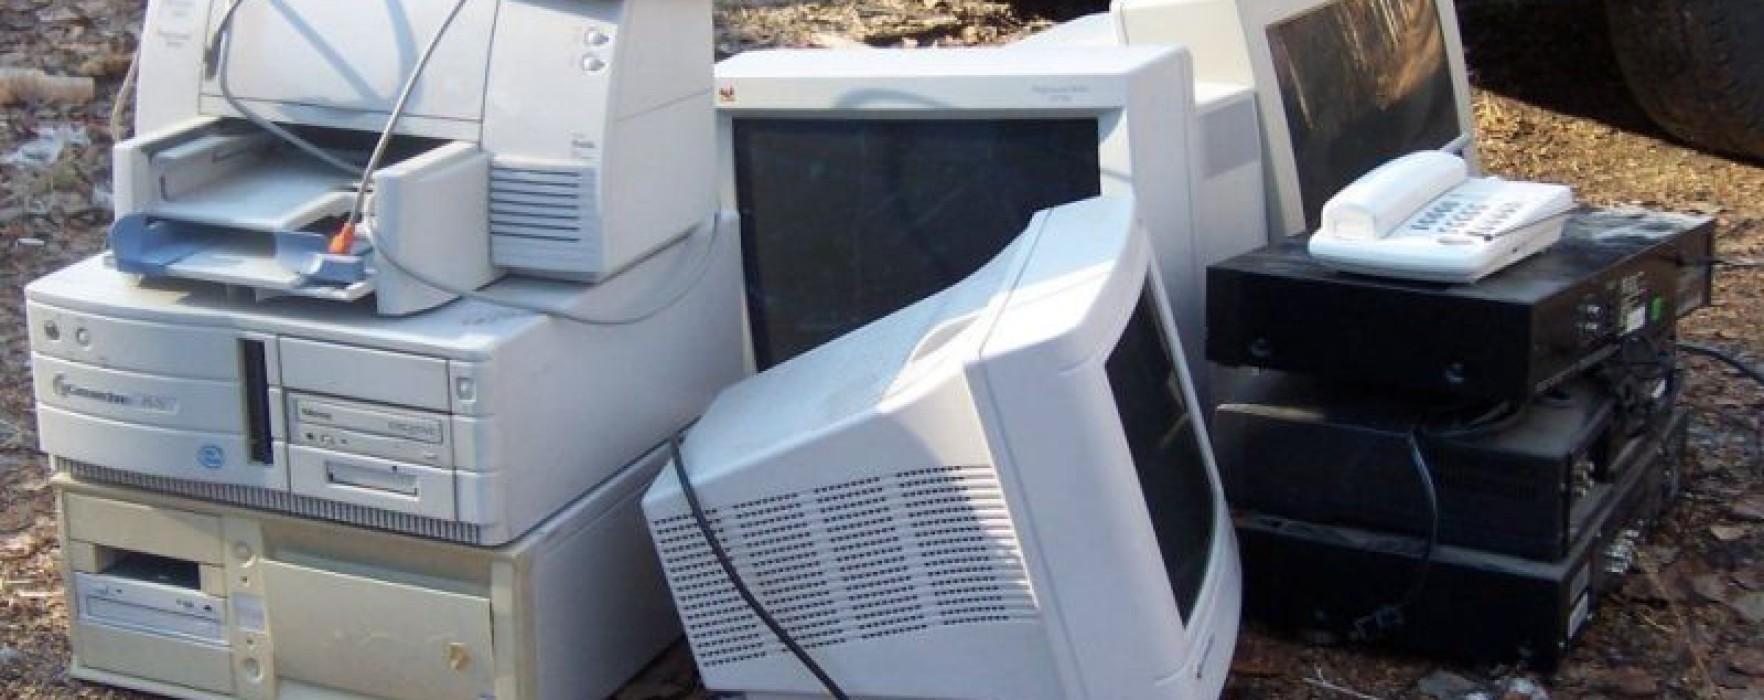 Acţiune de colectare de deşeuri electrice și electronice la Târgovişte